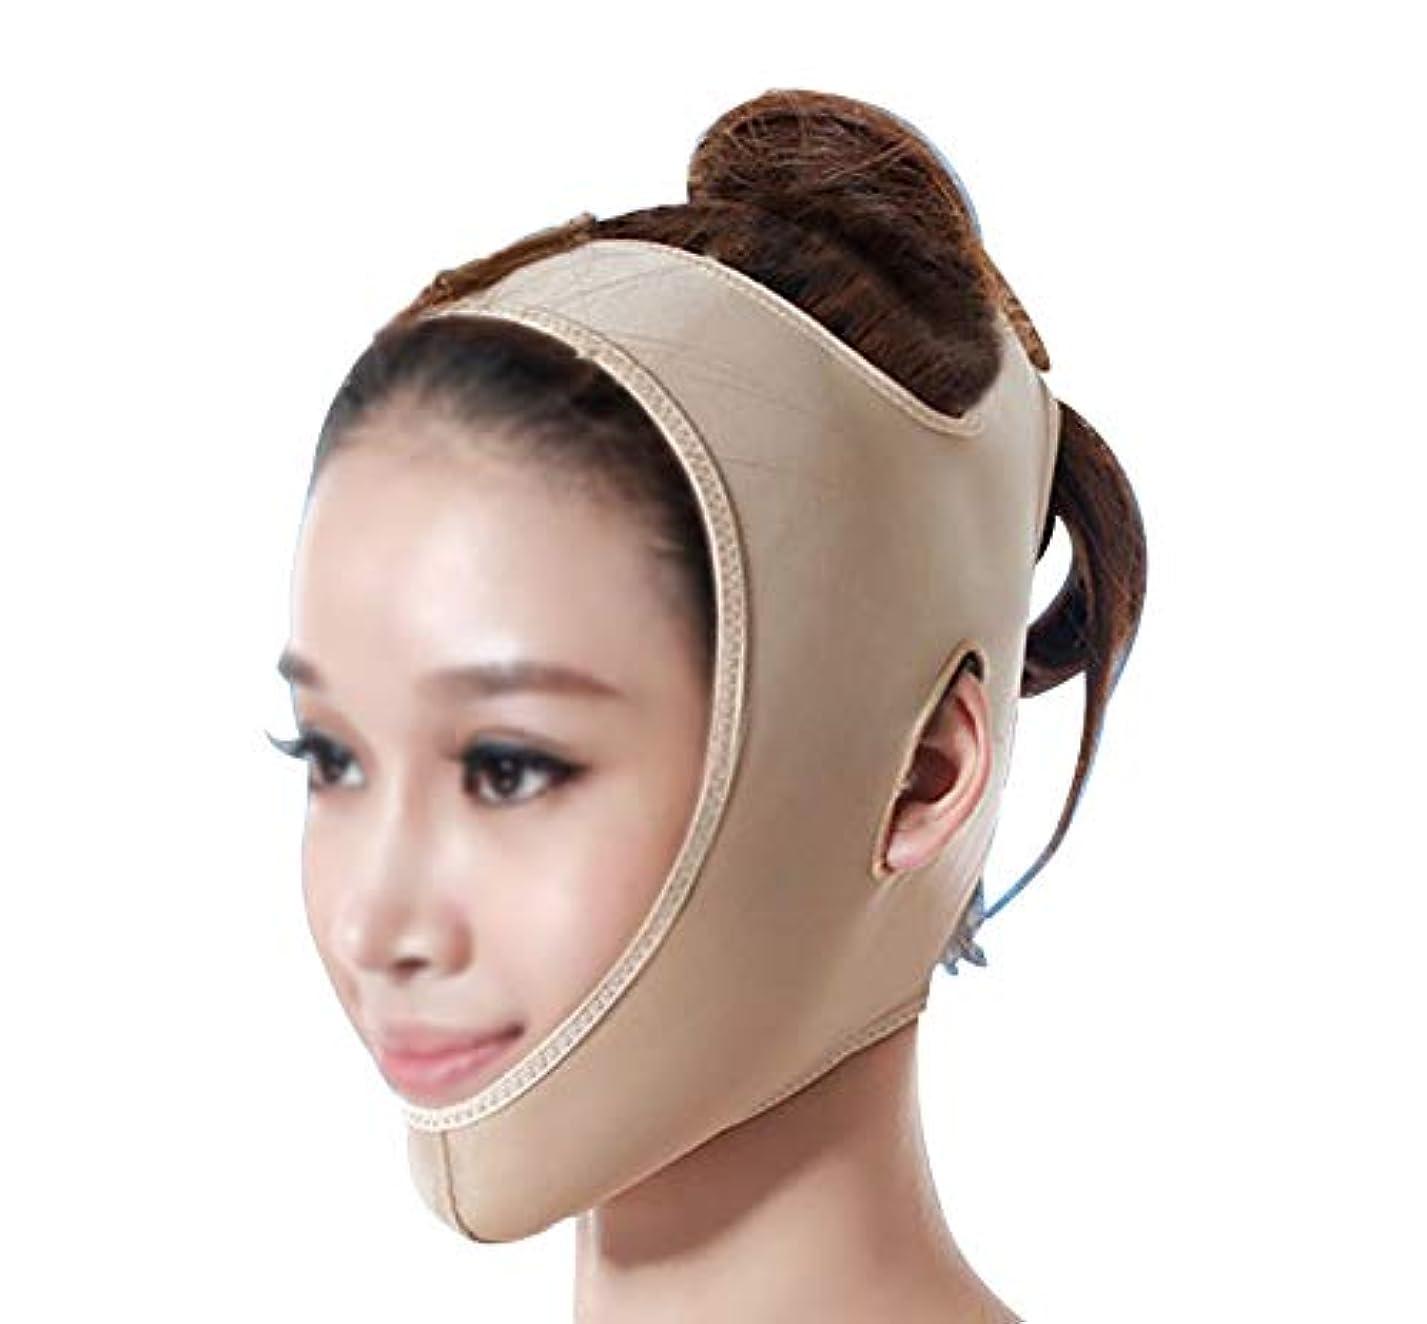 怒り散る重要性GLJJQMY 引き締めマスクマスク美容薬マスク美容V顔包帯ライン彫刻引き締めしっかりダブルチンマスク 顔用整形マスク (Size : M)